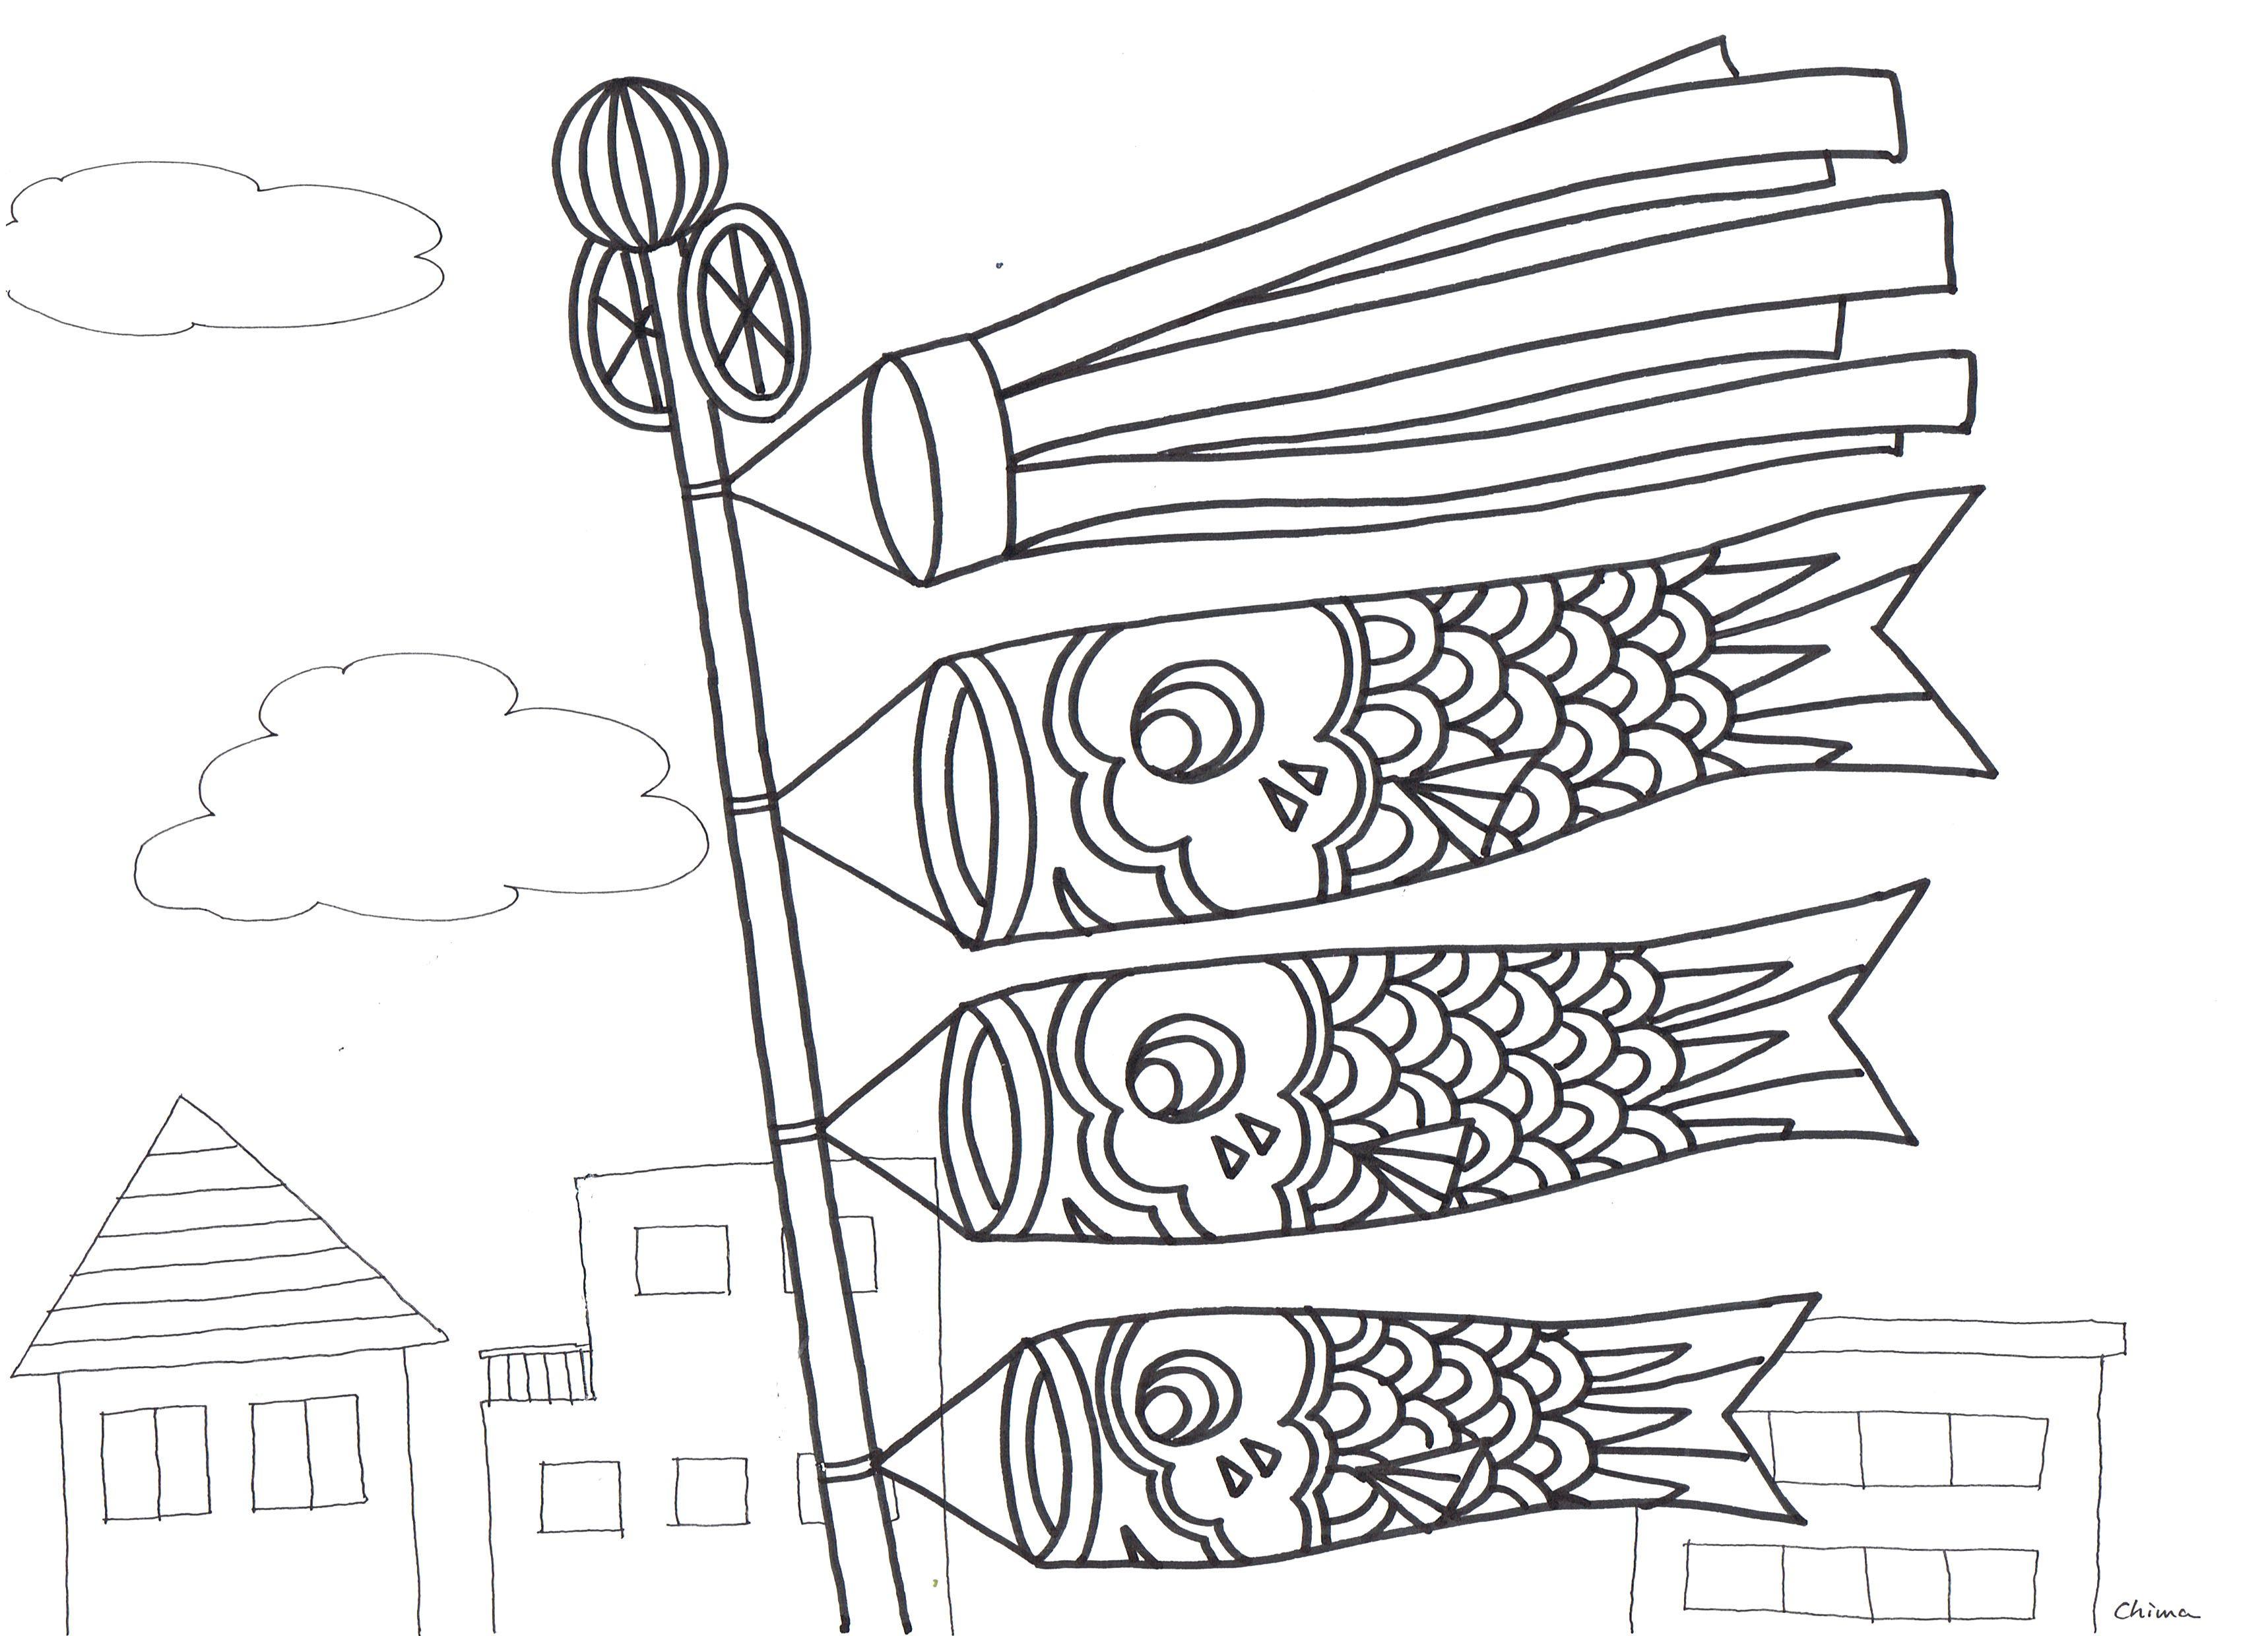 塗り絵、こいのぼり | may kidomonohi | 塗り絵, 鯉のぼり イラスト, ぬり絵